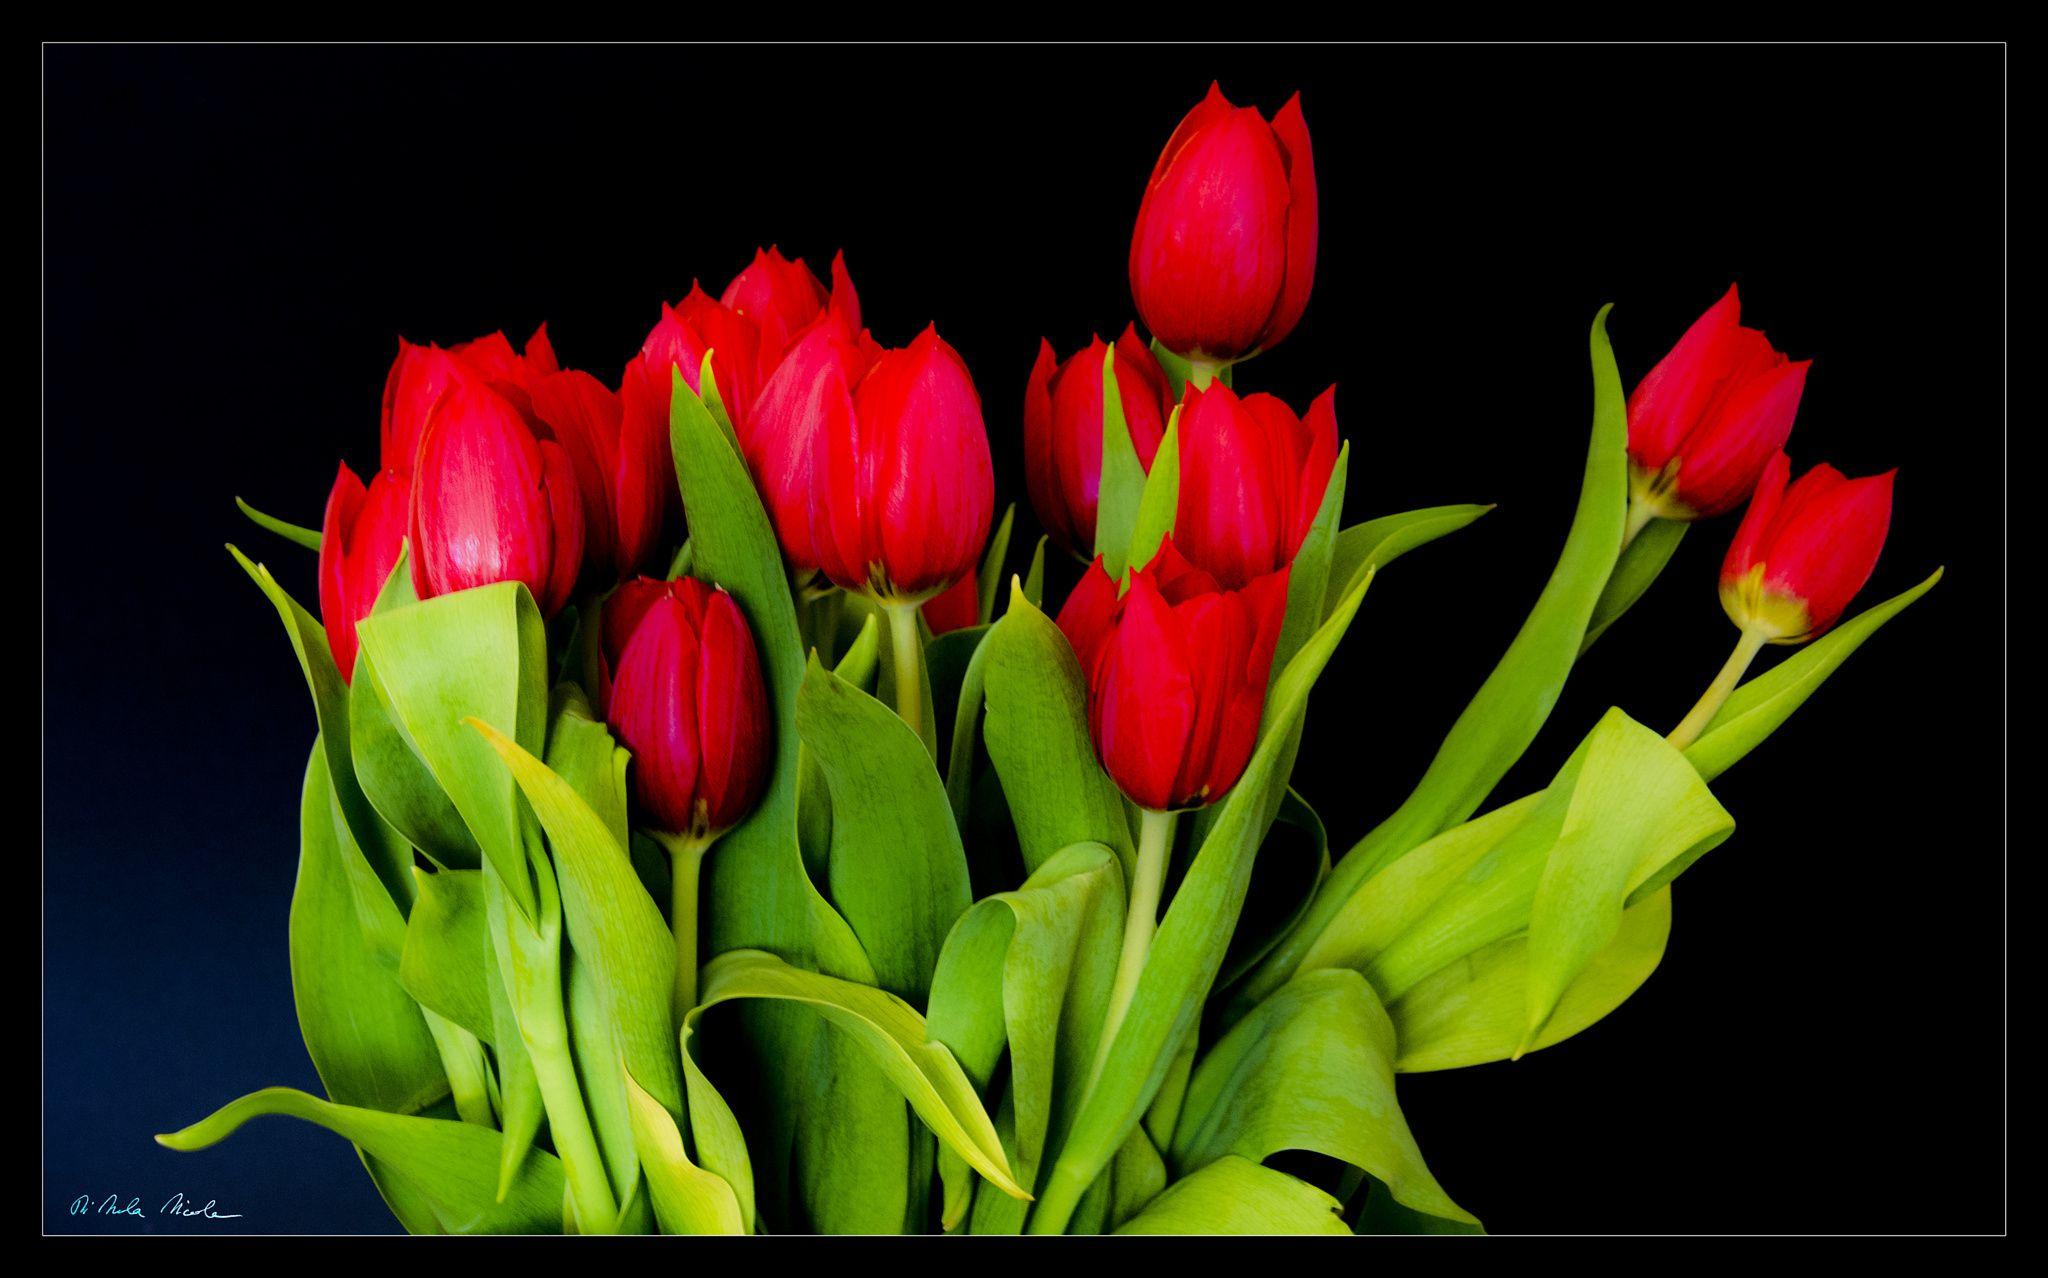 Mazzo di tulipani rossi by Nicola Di Nola on 500px